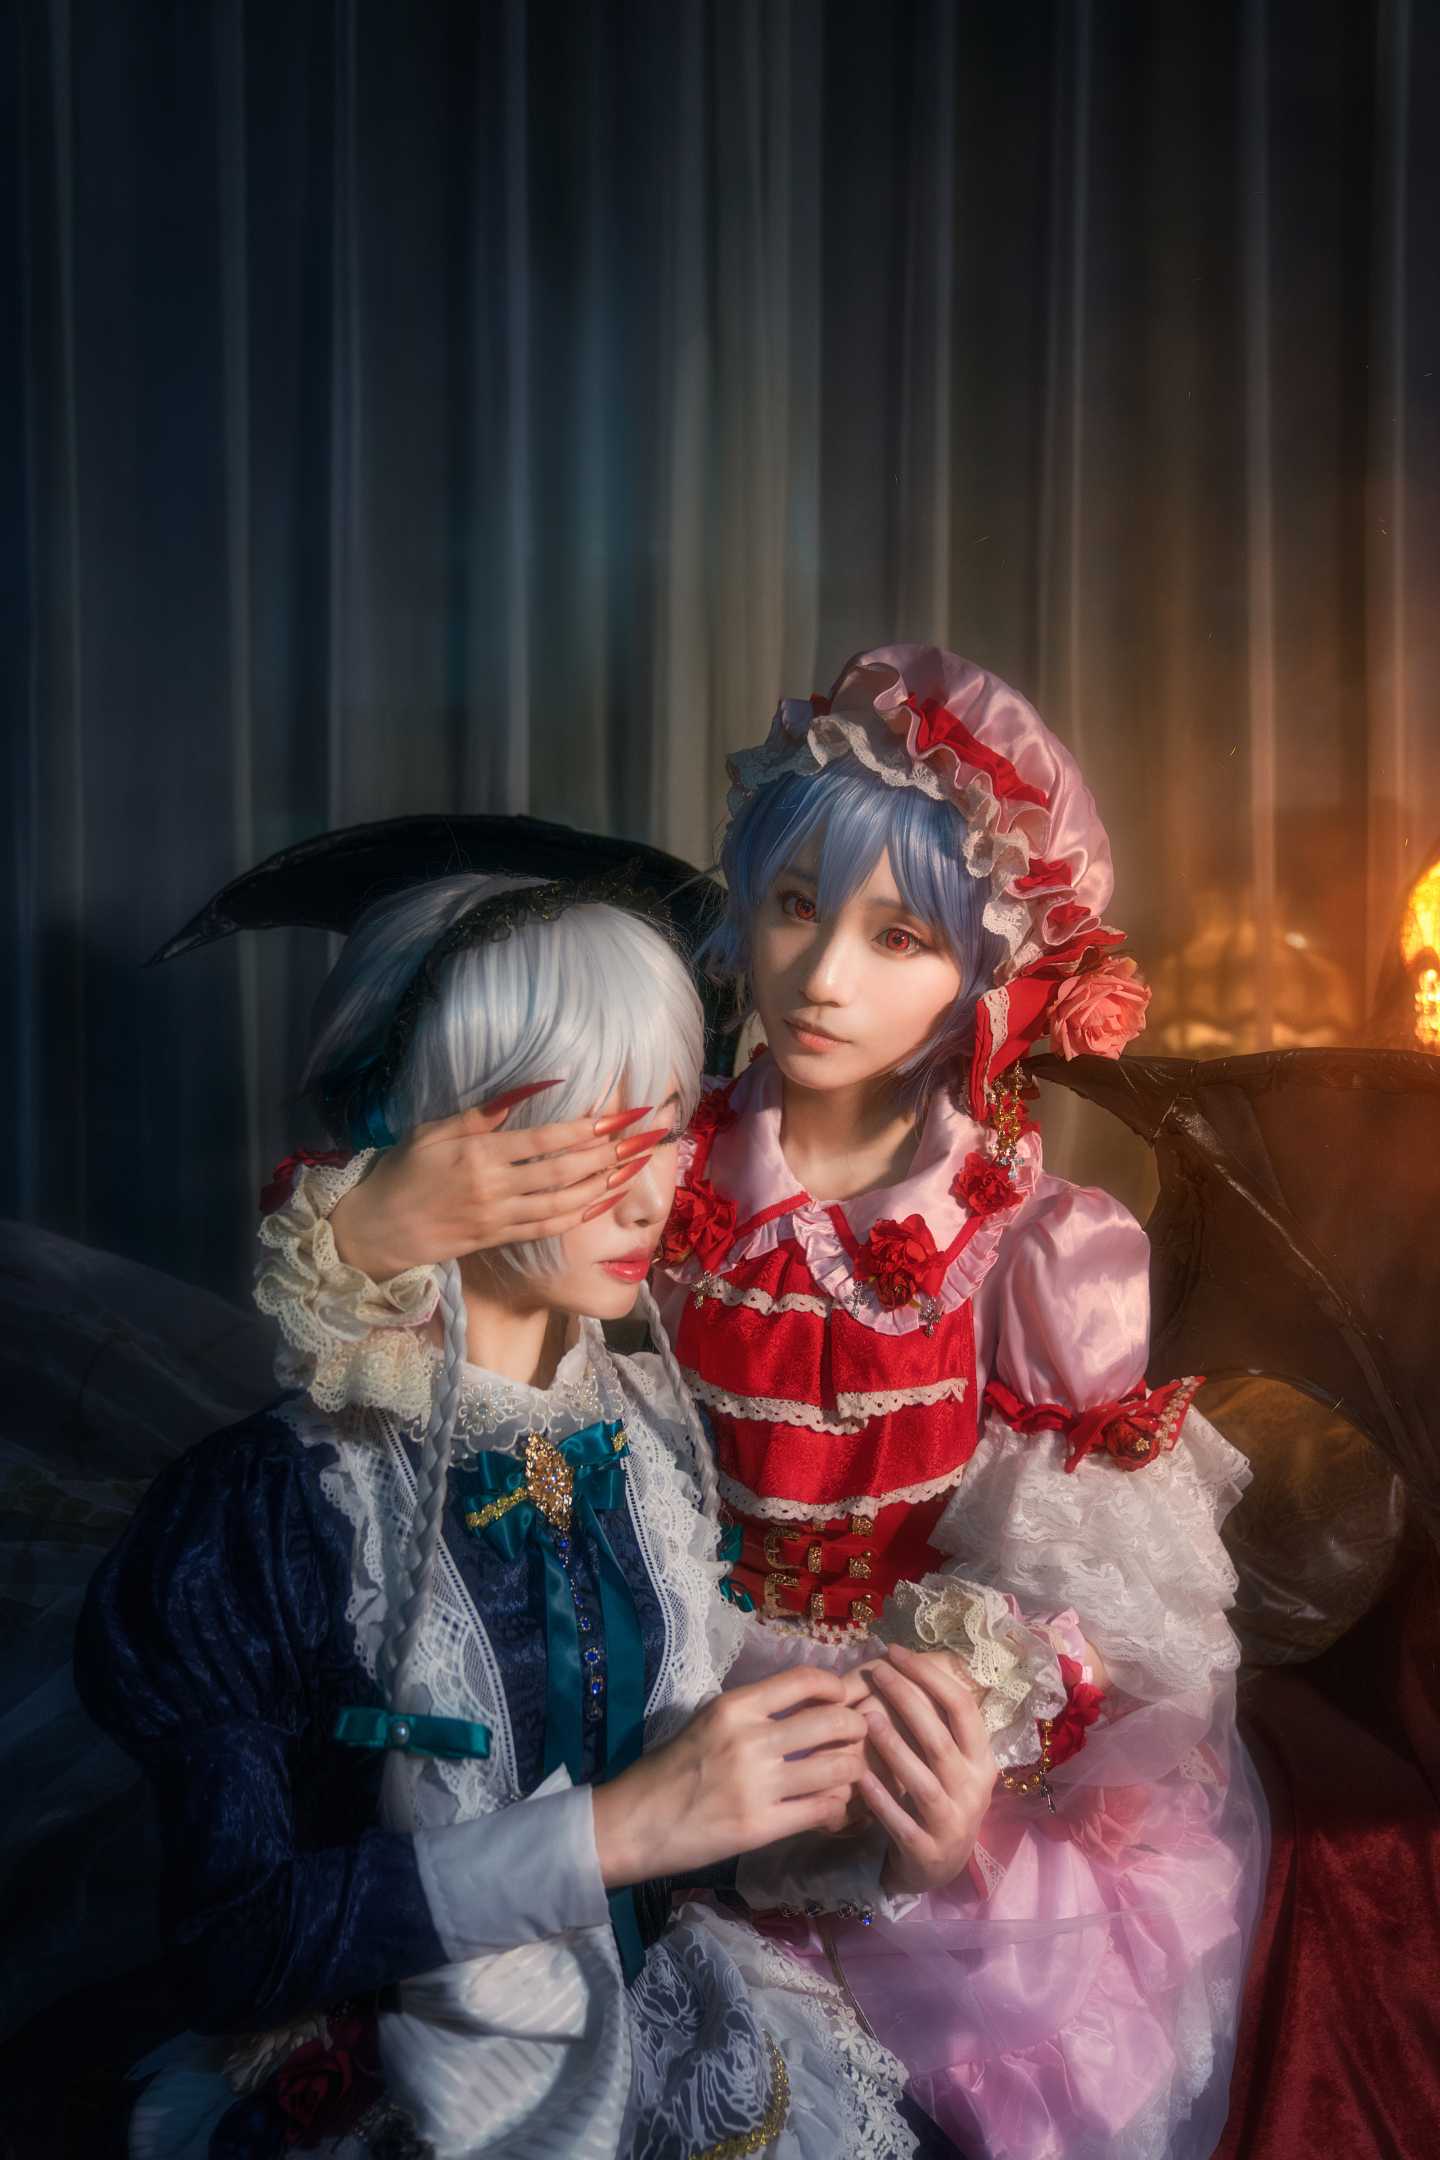 东方project红魔组蕾米莉亚 十六夜咲夜 cosplay插图(4)